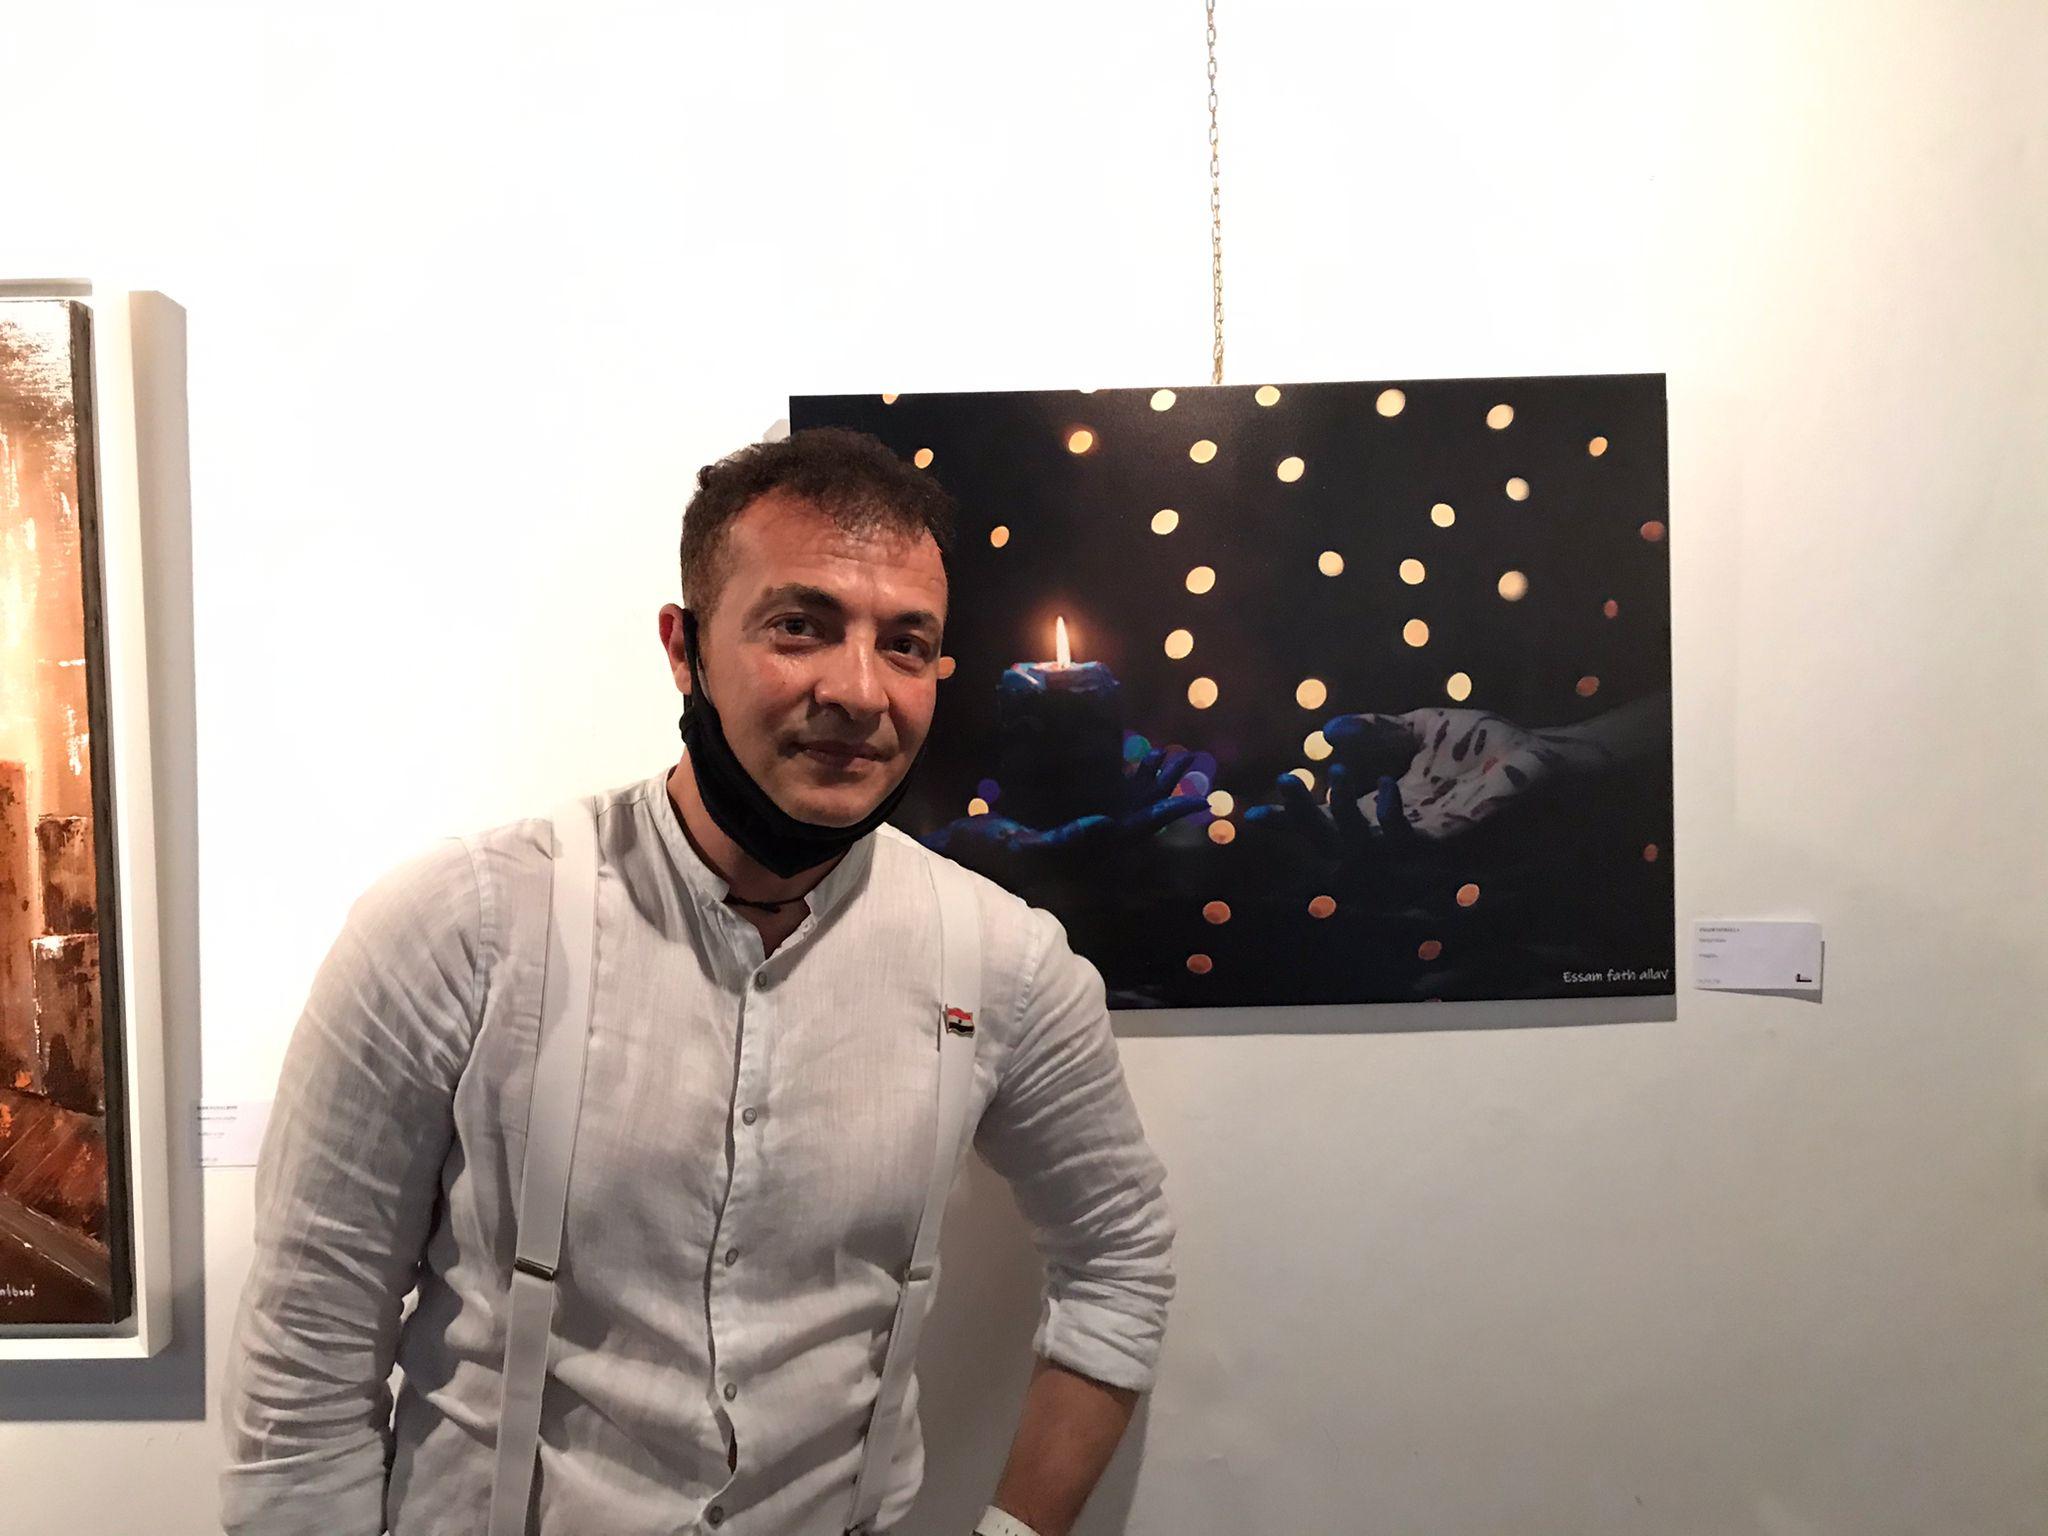 عصام فتح الله احد المصوريين المصريين فى روما